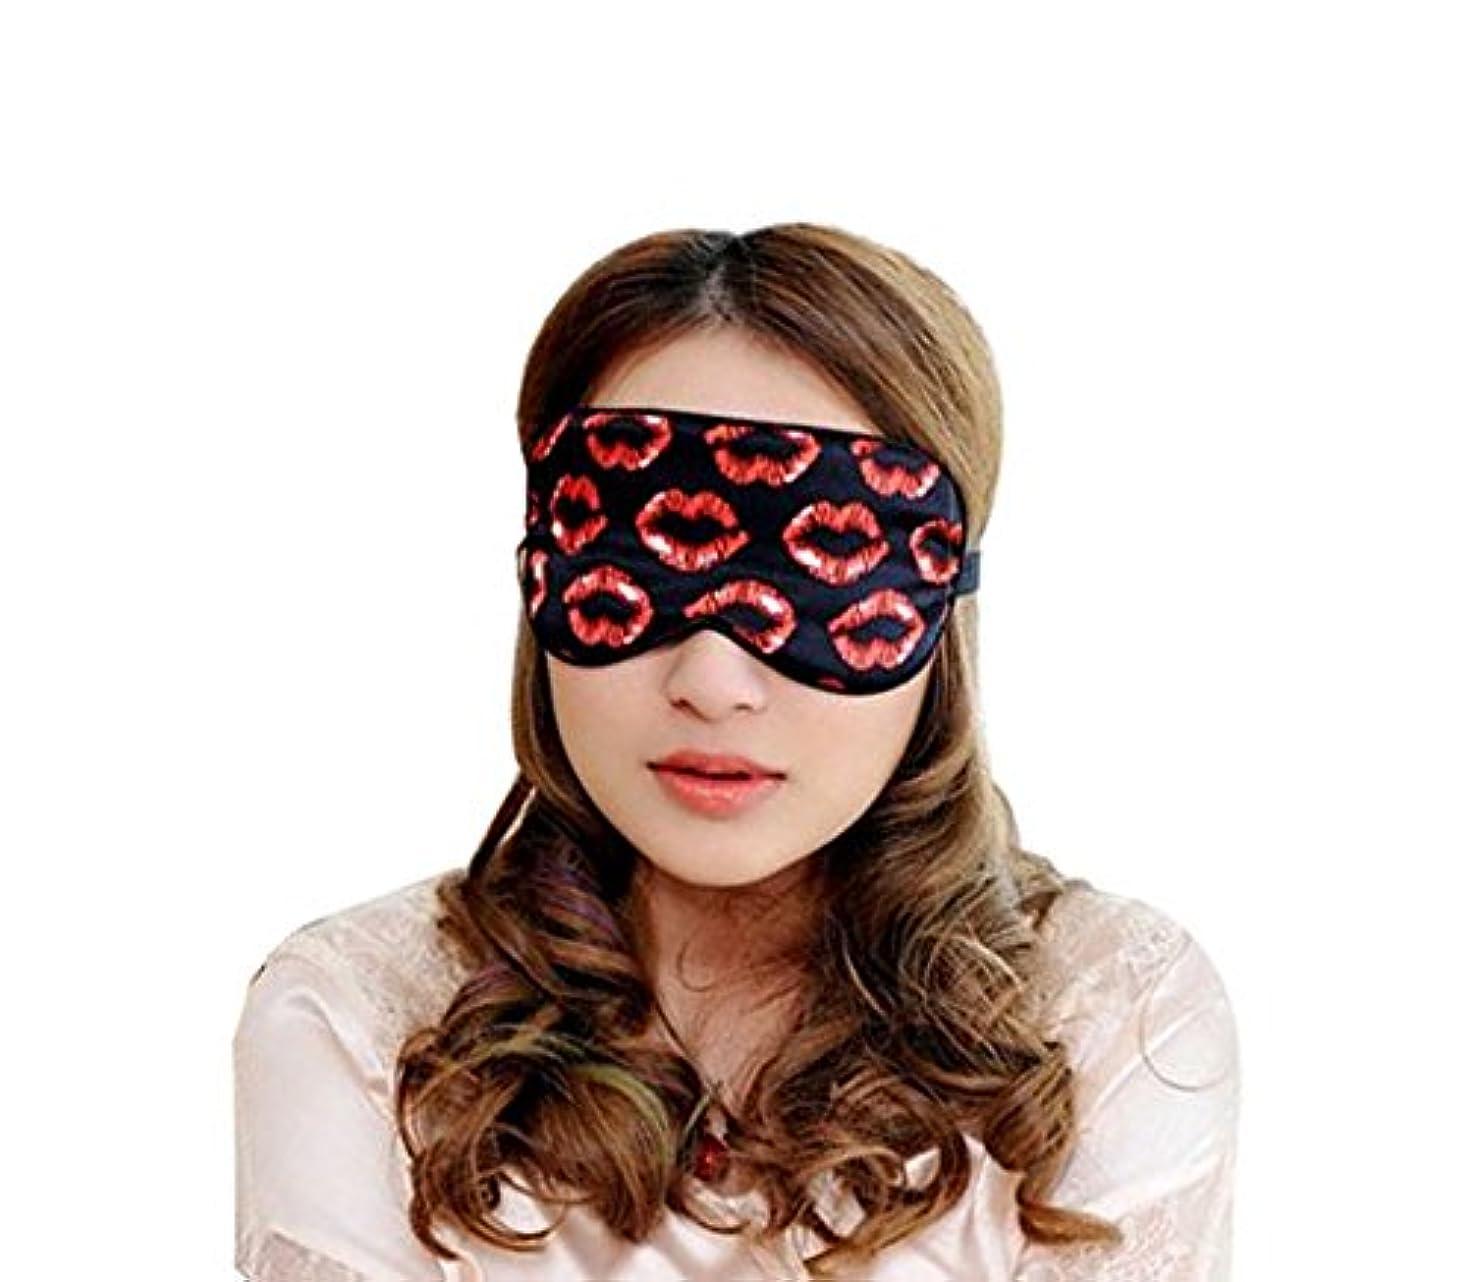 いたずらクリック財団スーパーソフトシルクアイ赤い唇をマスクラブリーパーソナリティアイシェードスリープアイマスク